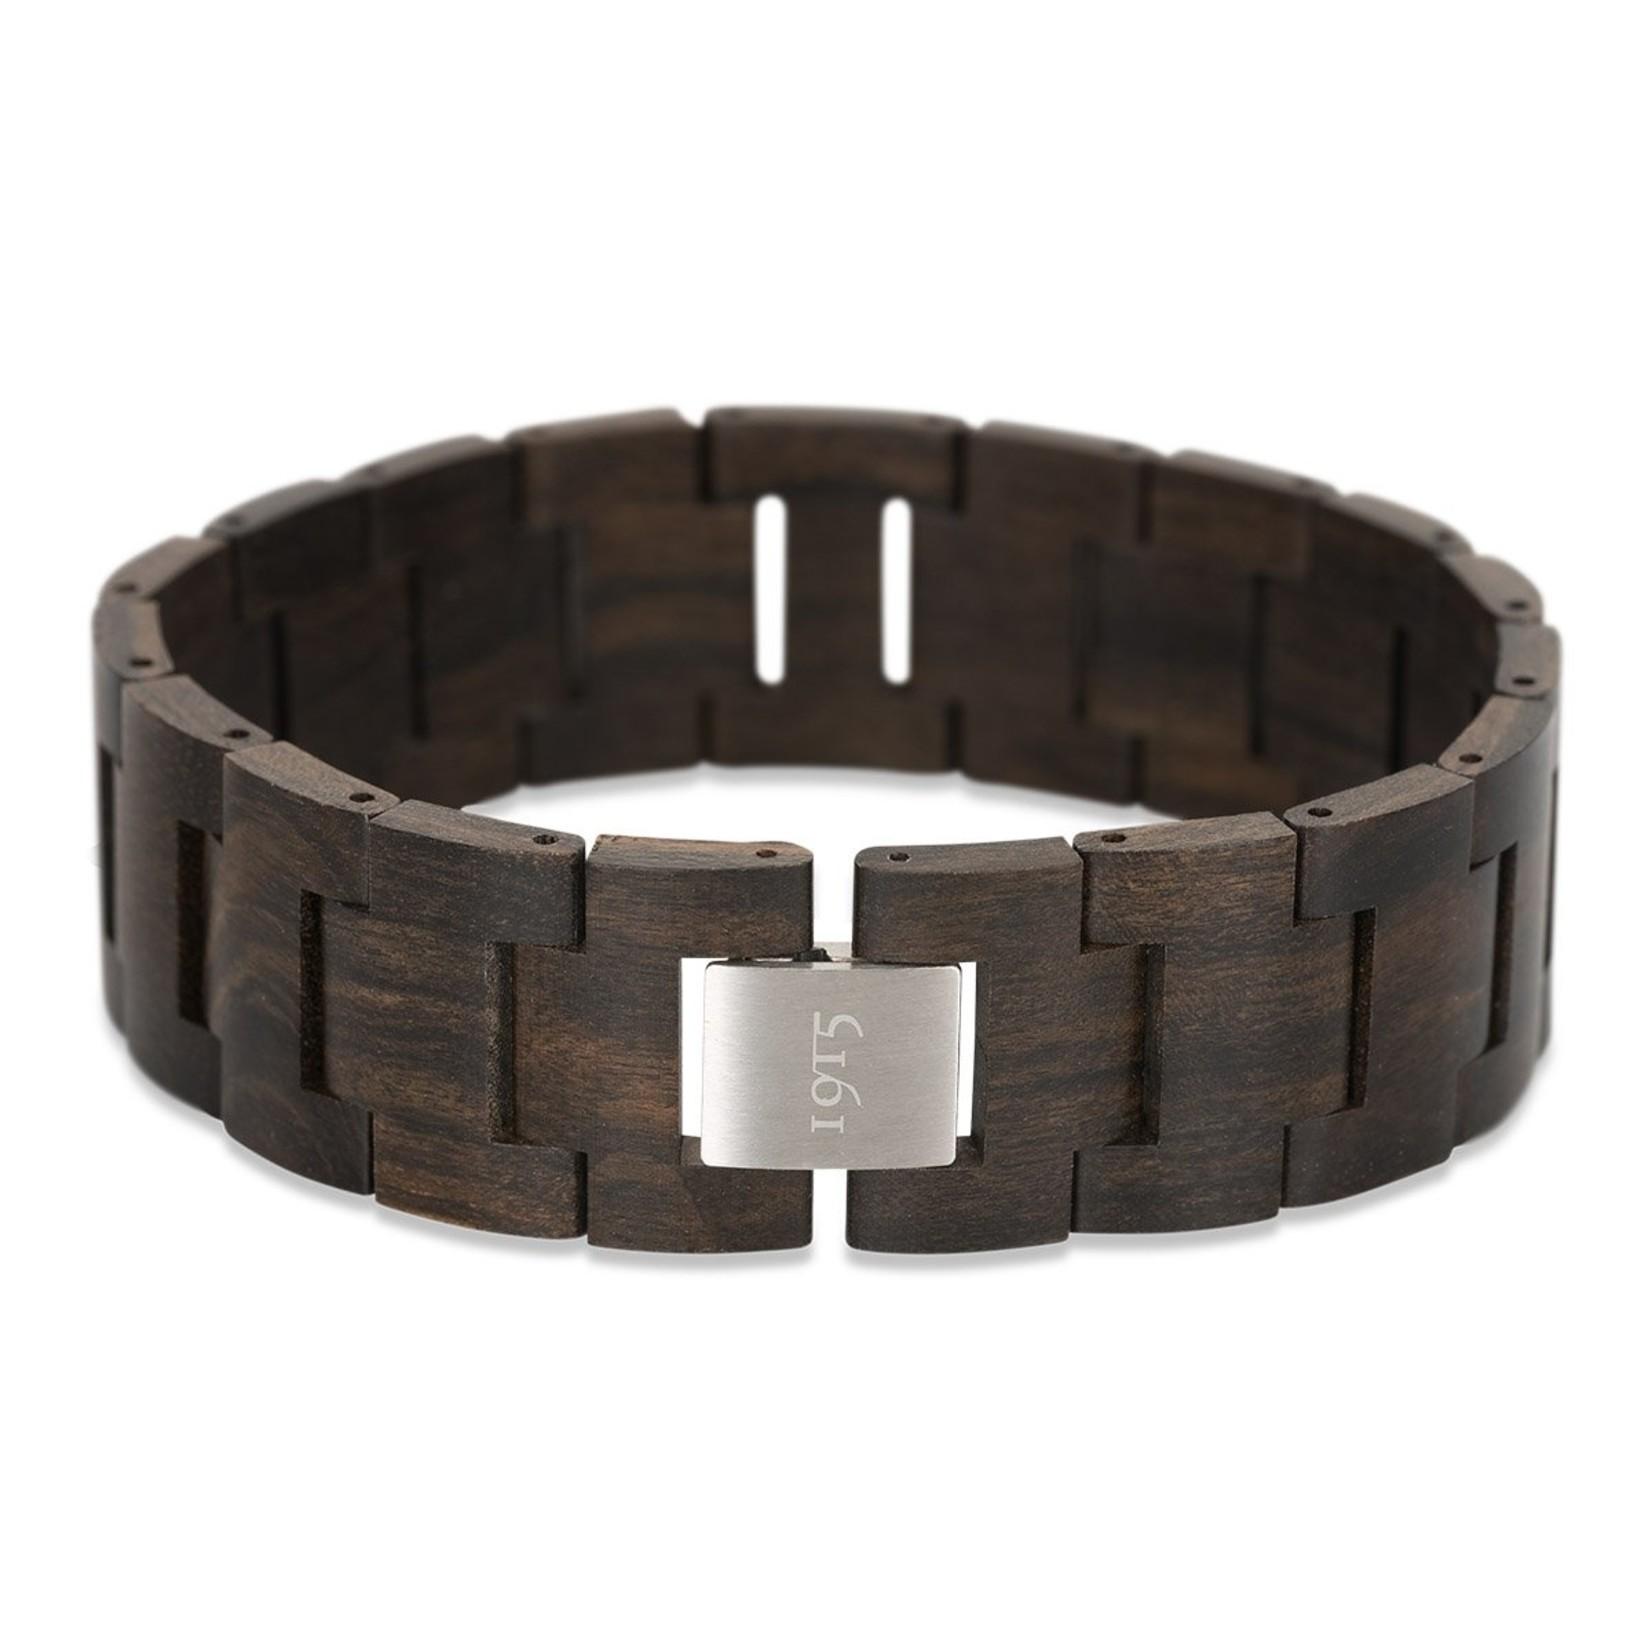 1915 watches 1915 bracelet Sandel   Houten schakel armband van 1915 watches   Sandel hout